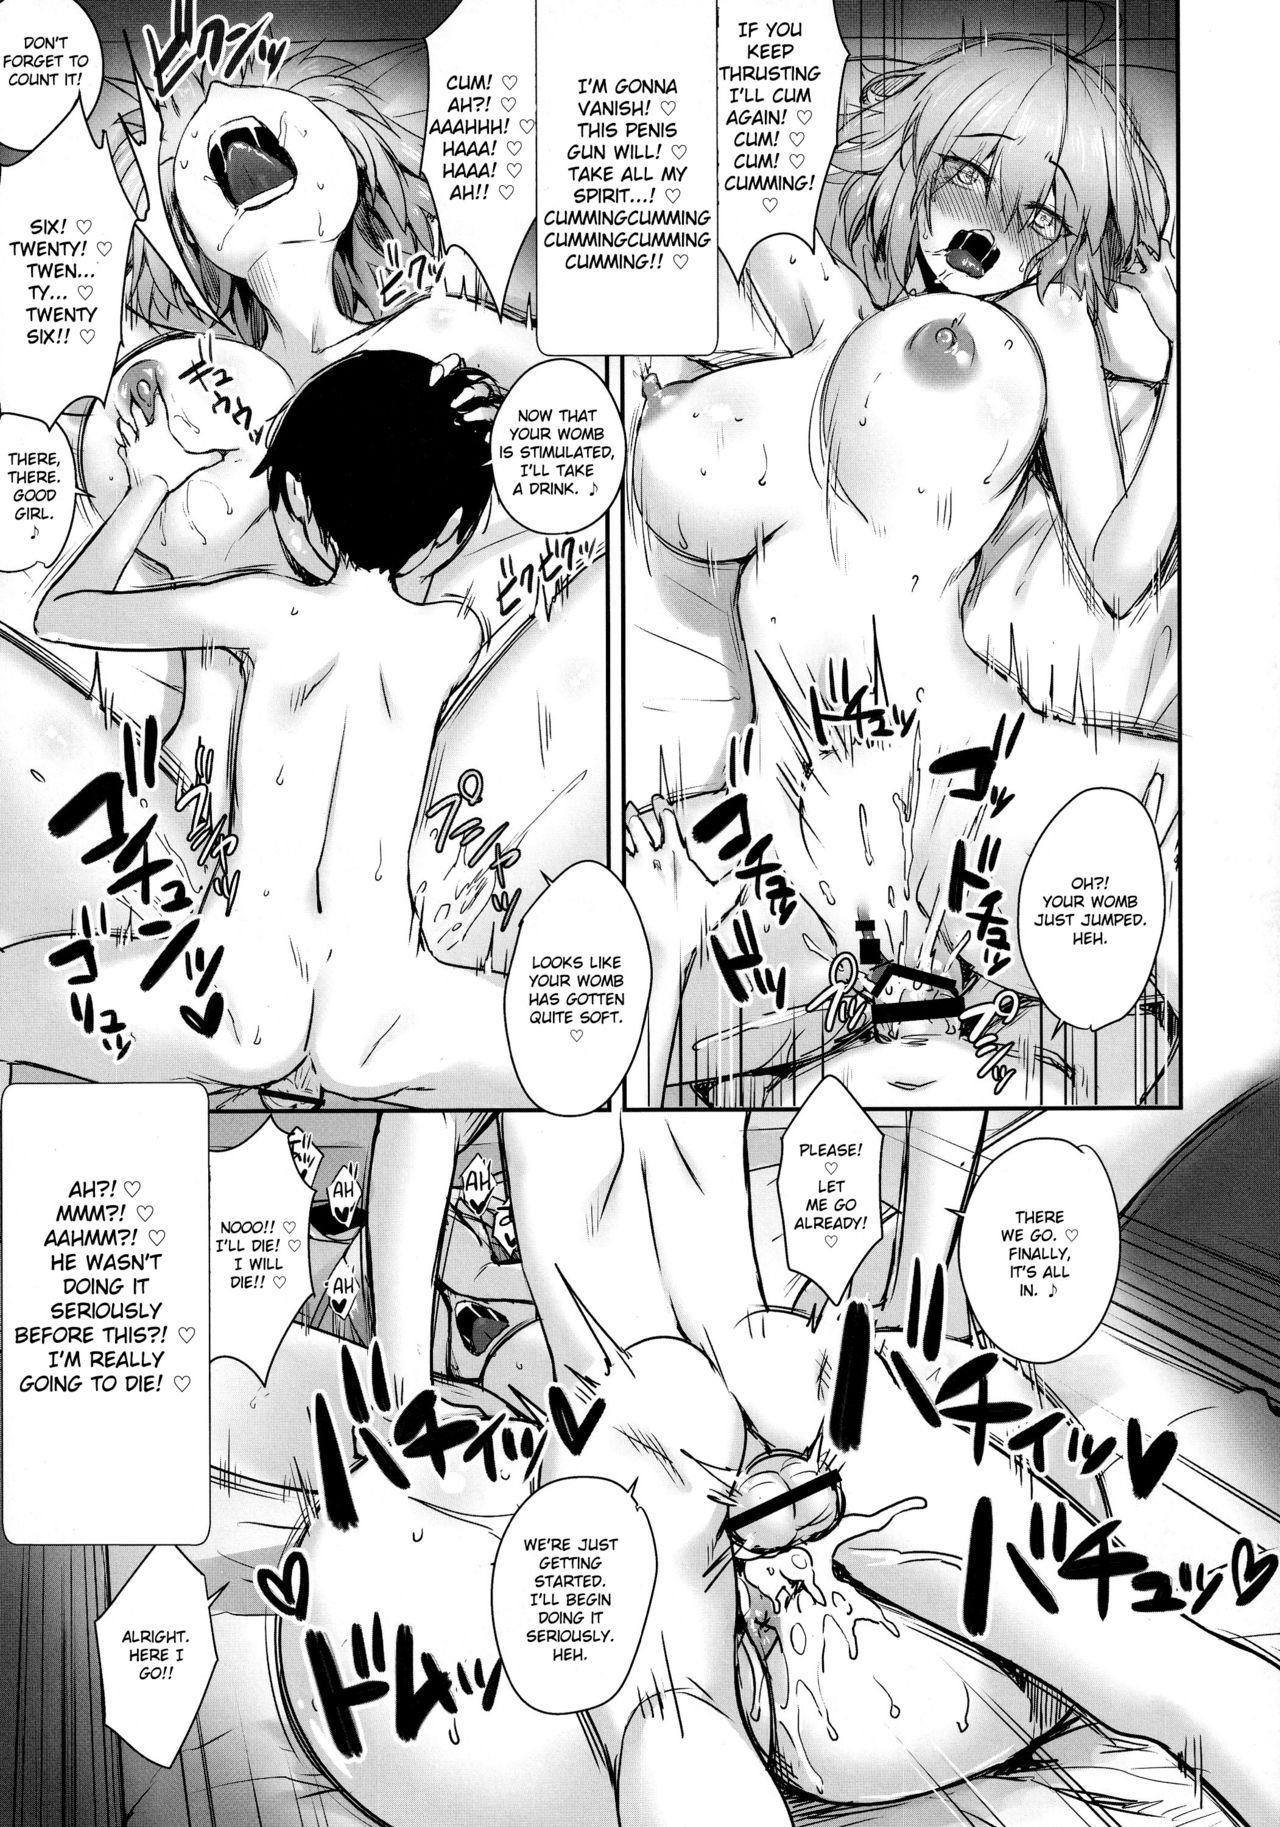 (C97) [Yakiniku Tabetai (Derauea)] Jeanne Alter (32) no Shikyuu Haiboku ~Musuko no Tomodachi ni Tanetsuke o Kongan suru Hitozuma Servant~ (Fate/Grand Order) [English] [Incomplete] 17